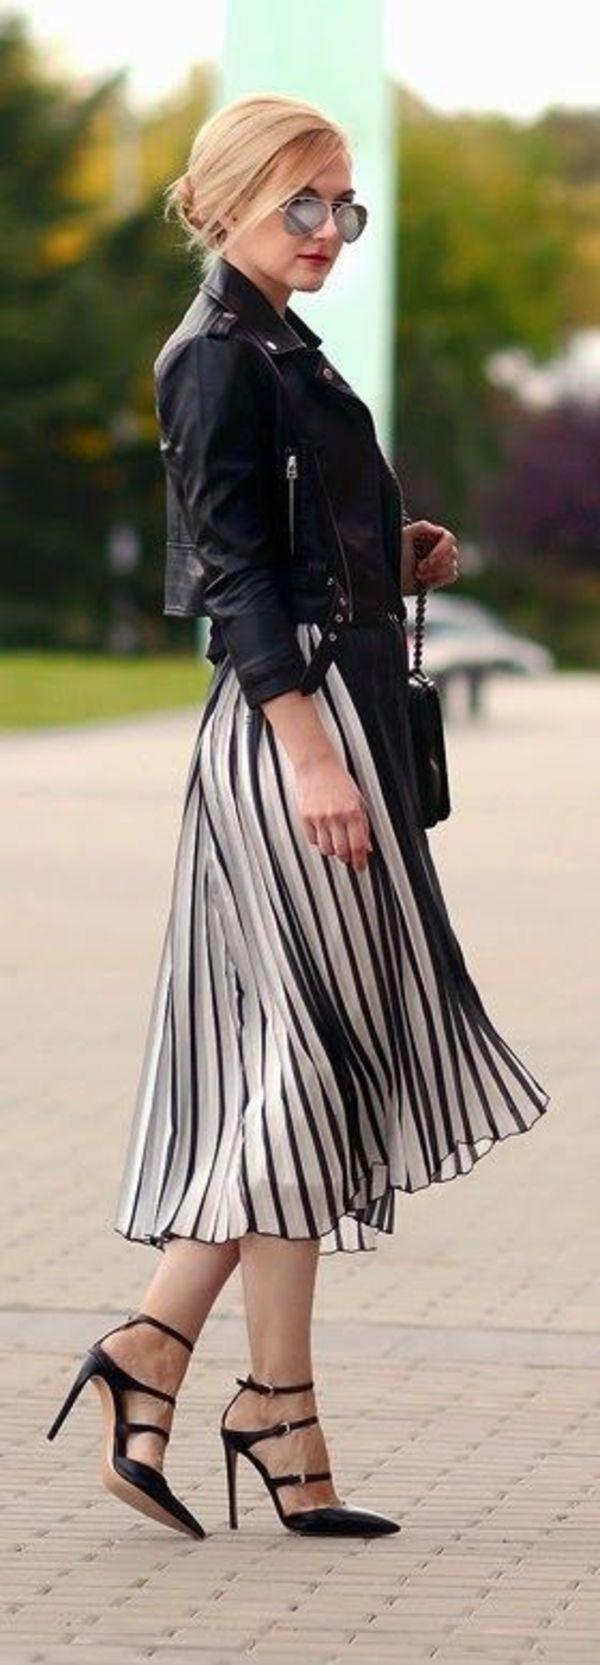 ドレッシーな服装を引き締める、タイトなブラックライダース♡ 人気のおすすめアウター一覧。レディースファッションまとめ。